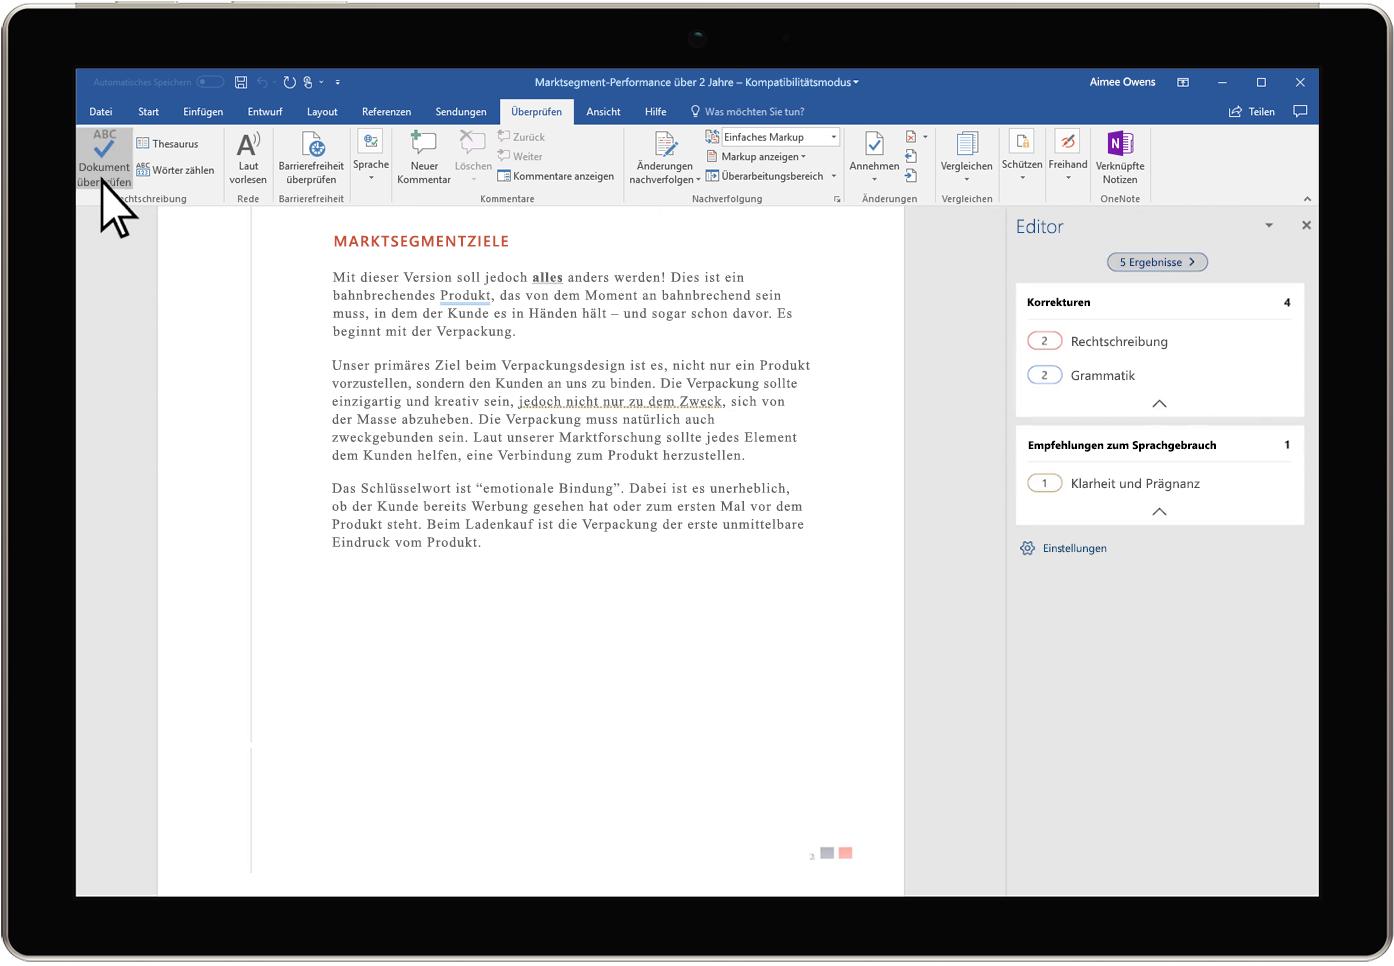 Abbildung der Editor-Übersicht in einem Word-Dokument